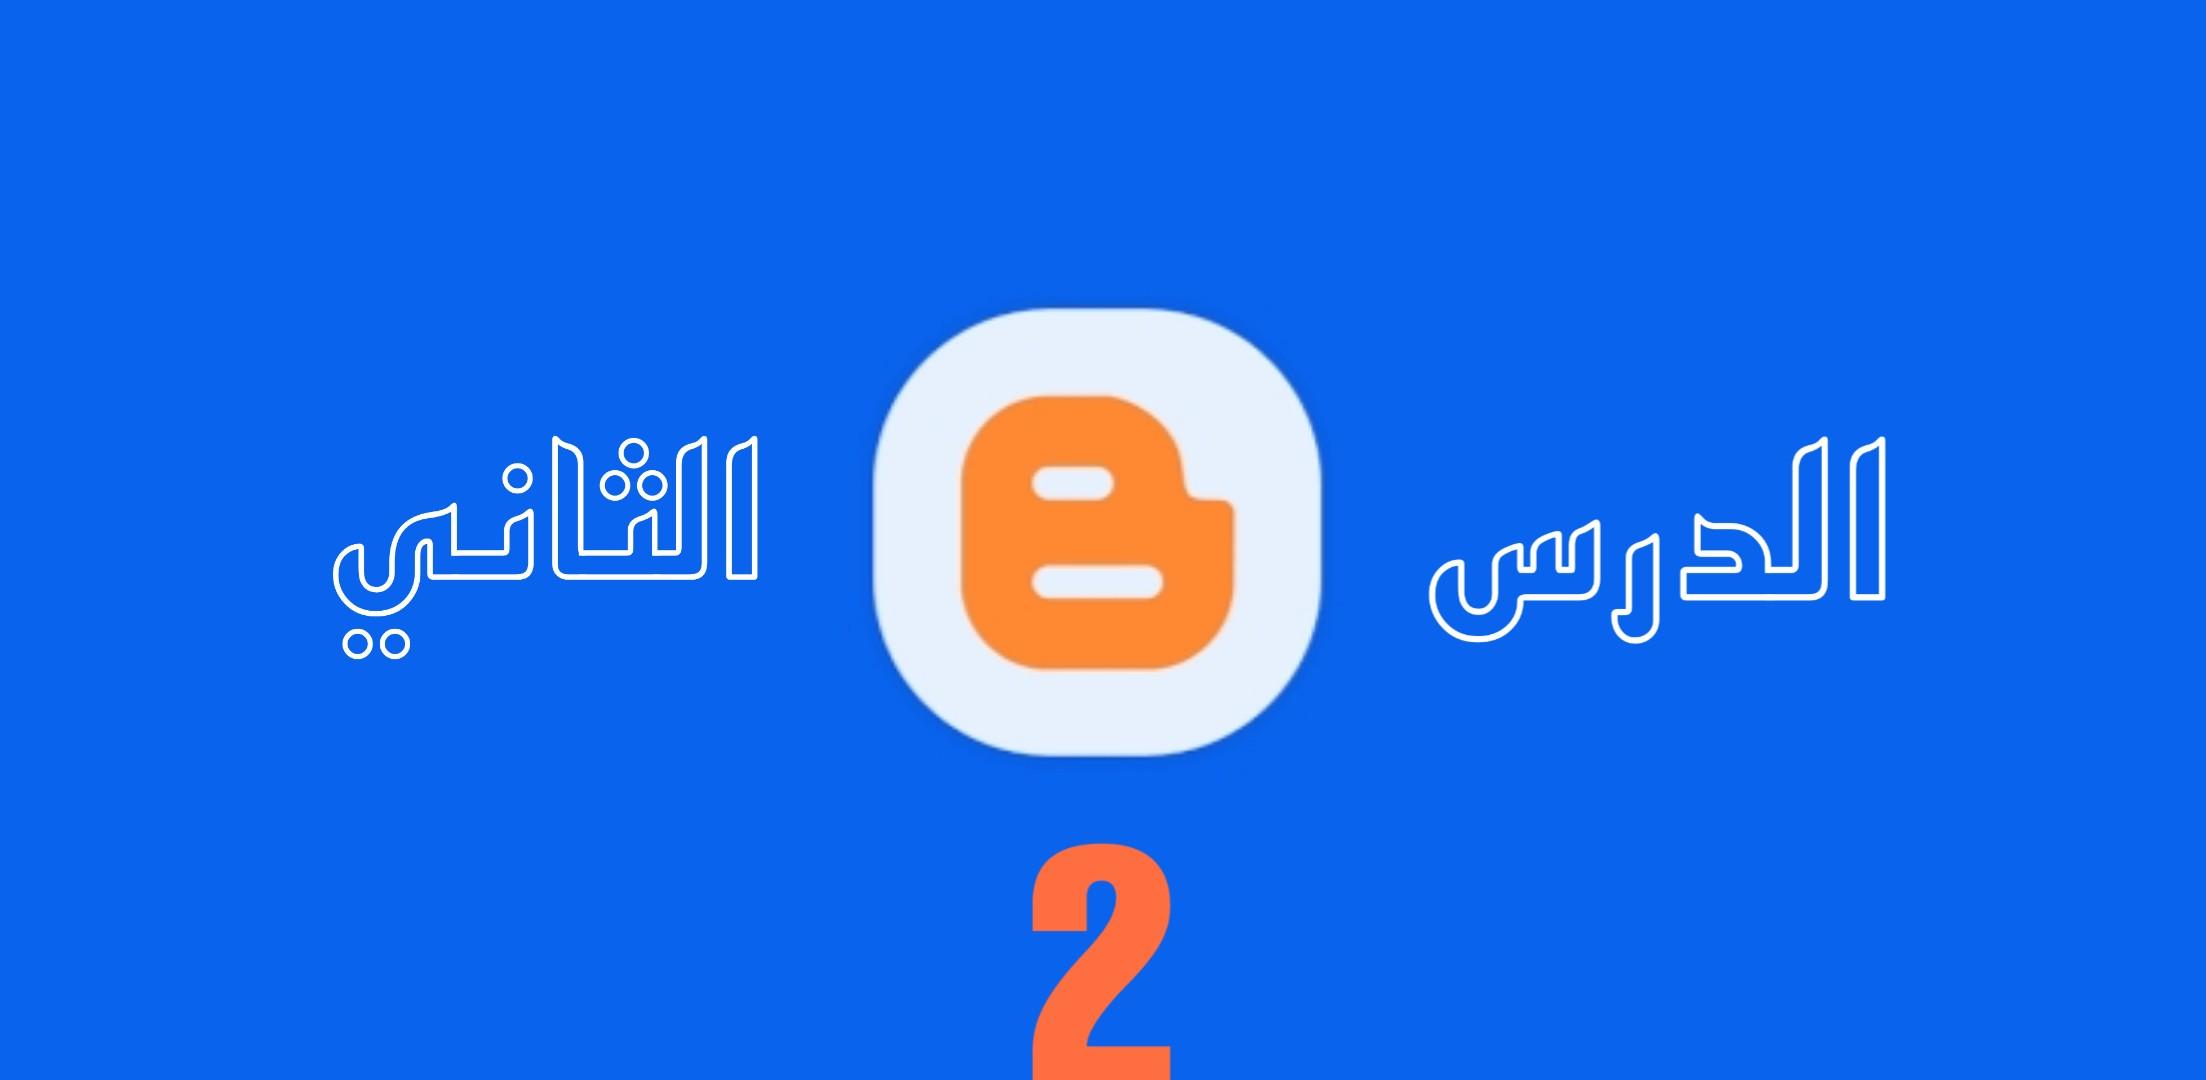 الدرس الثاني: إثبات ملكية مدونة بلوجر فى أدوات مشرفي المواقع 2020